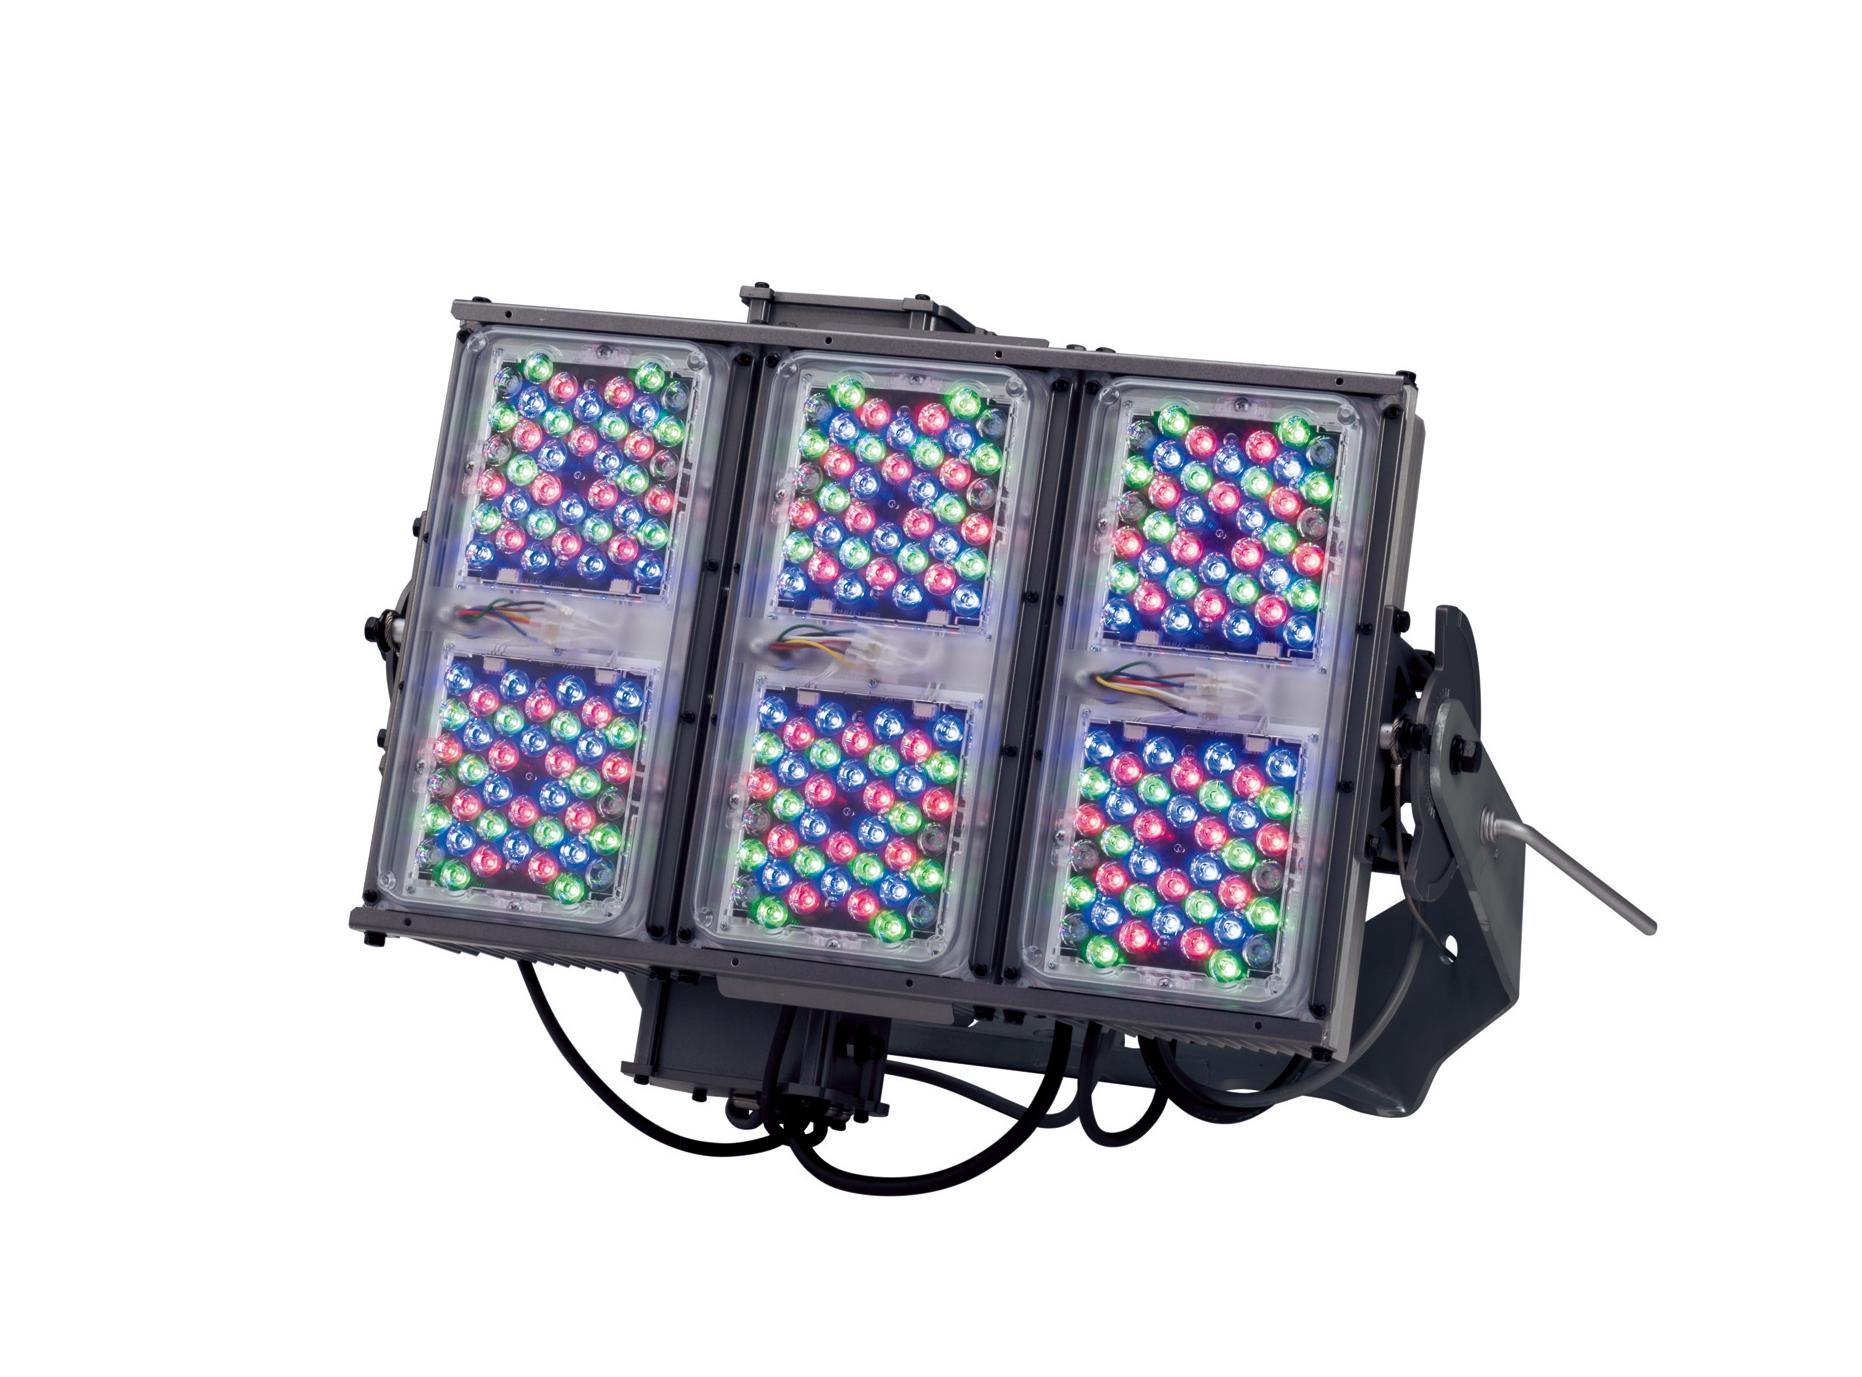 パナソニック LEDカラー投光器「ダイナペインター」